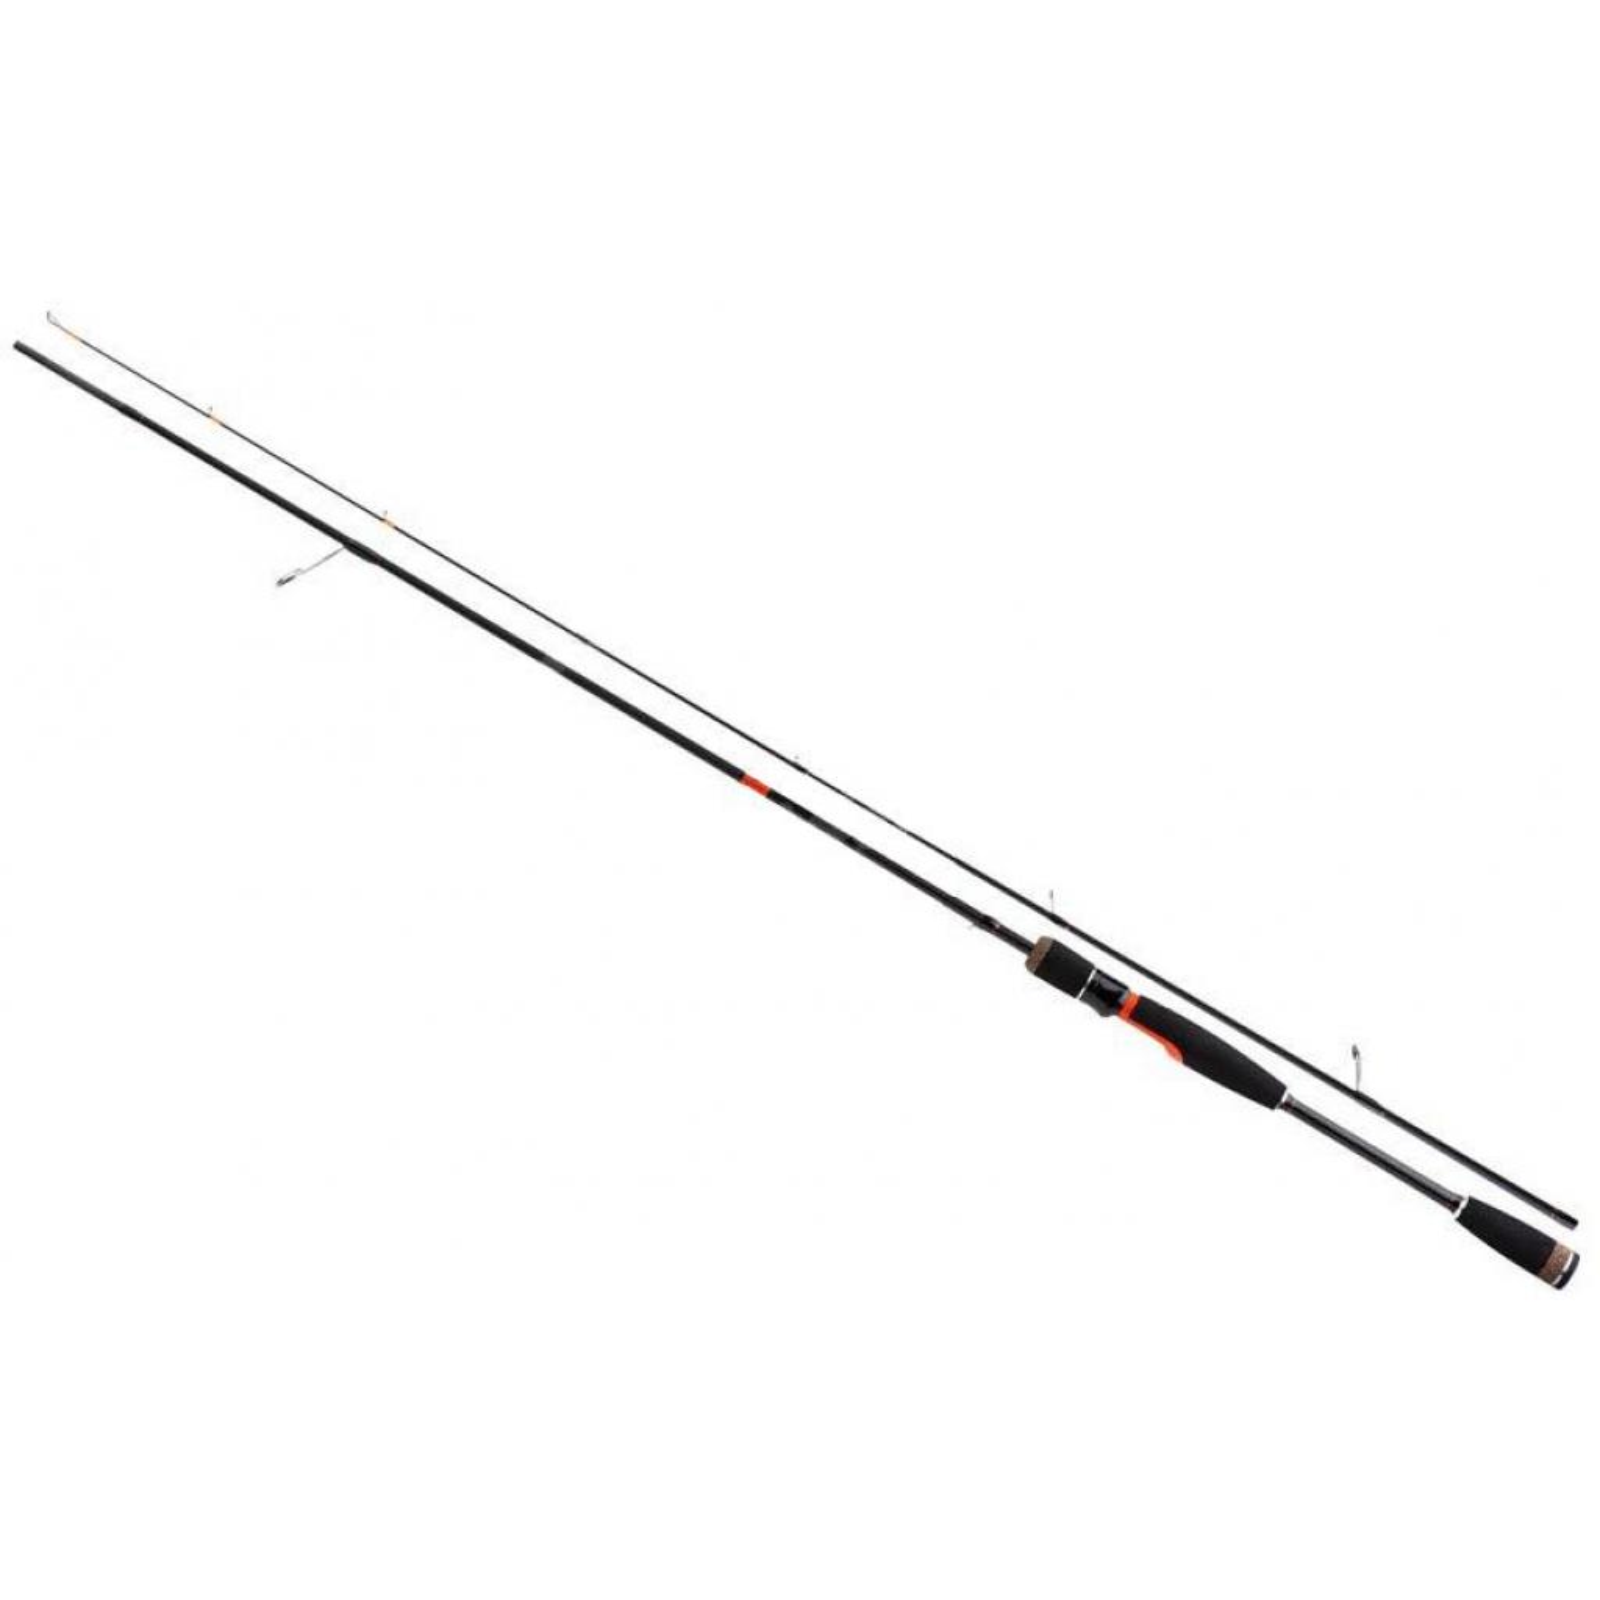 Удилище Favorite Balance NEW BLC-702L 2.13m 3-10g 6-8lb M-Fast (1693.03.61)